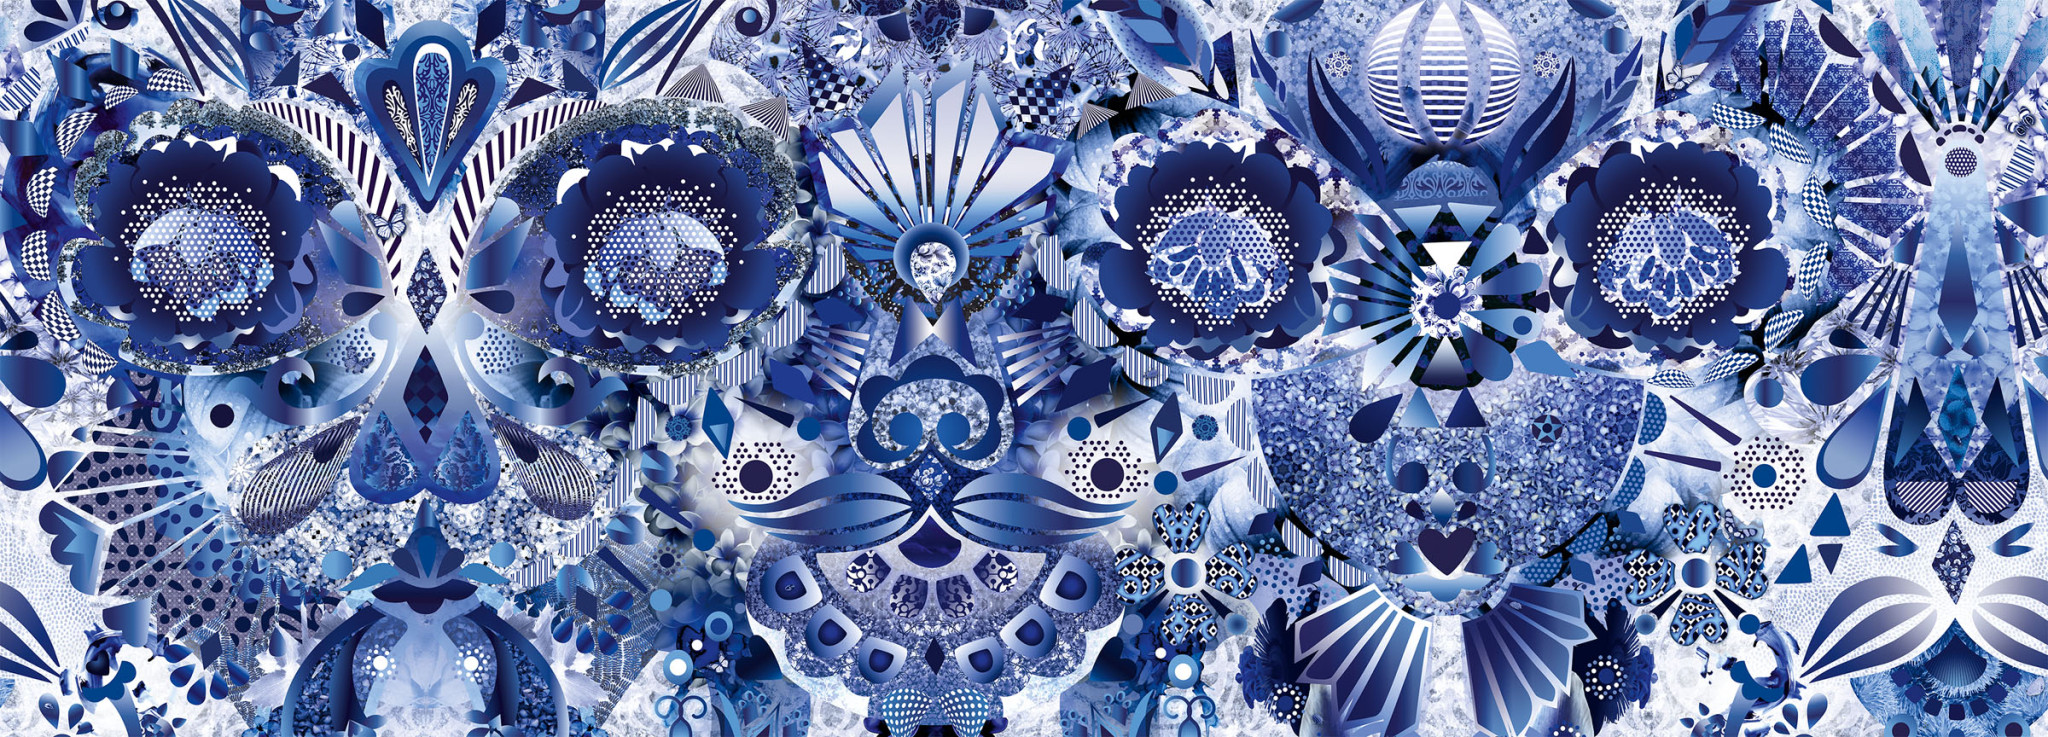 marcel-wanders_delft-blue_repeat